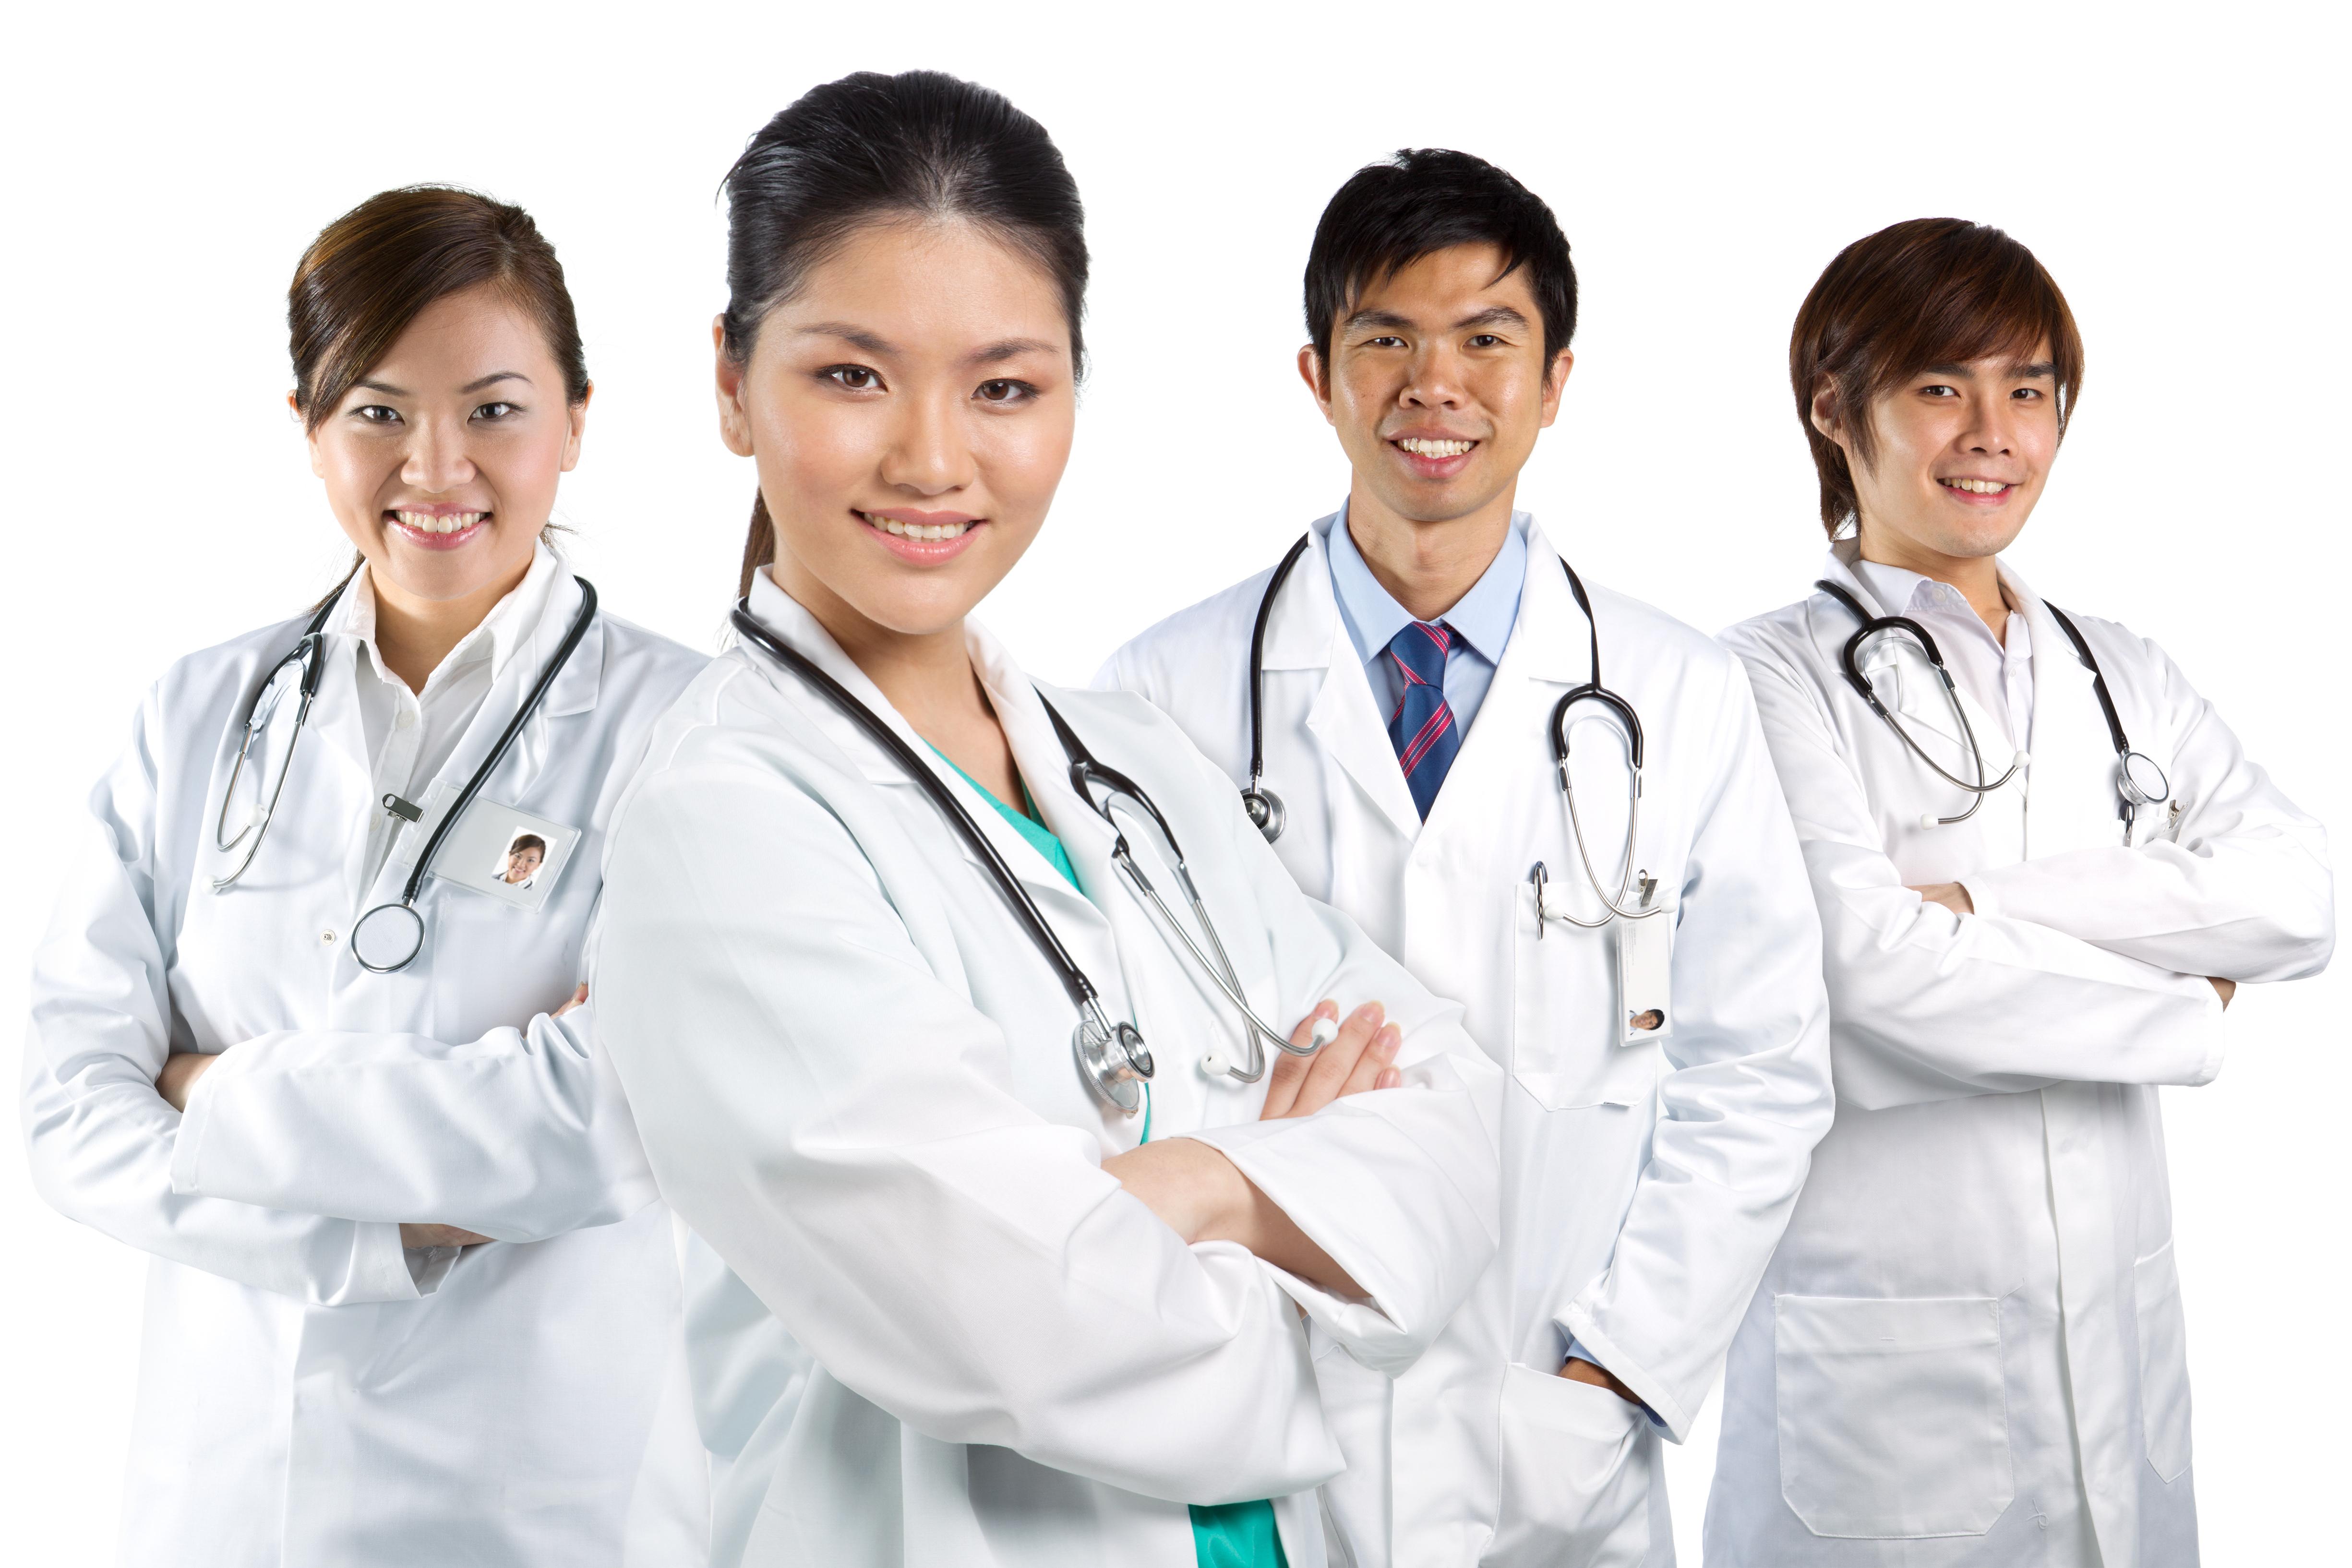 長庚大學護理學科世界排名第25位 蟬聯亞洲第一-角色扮演